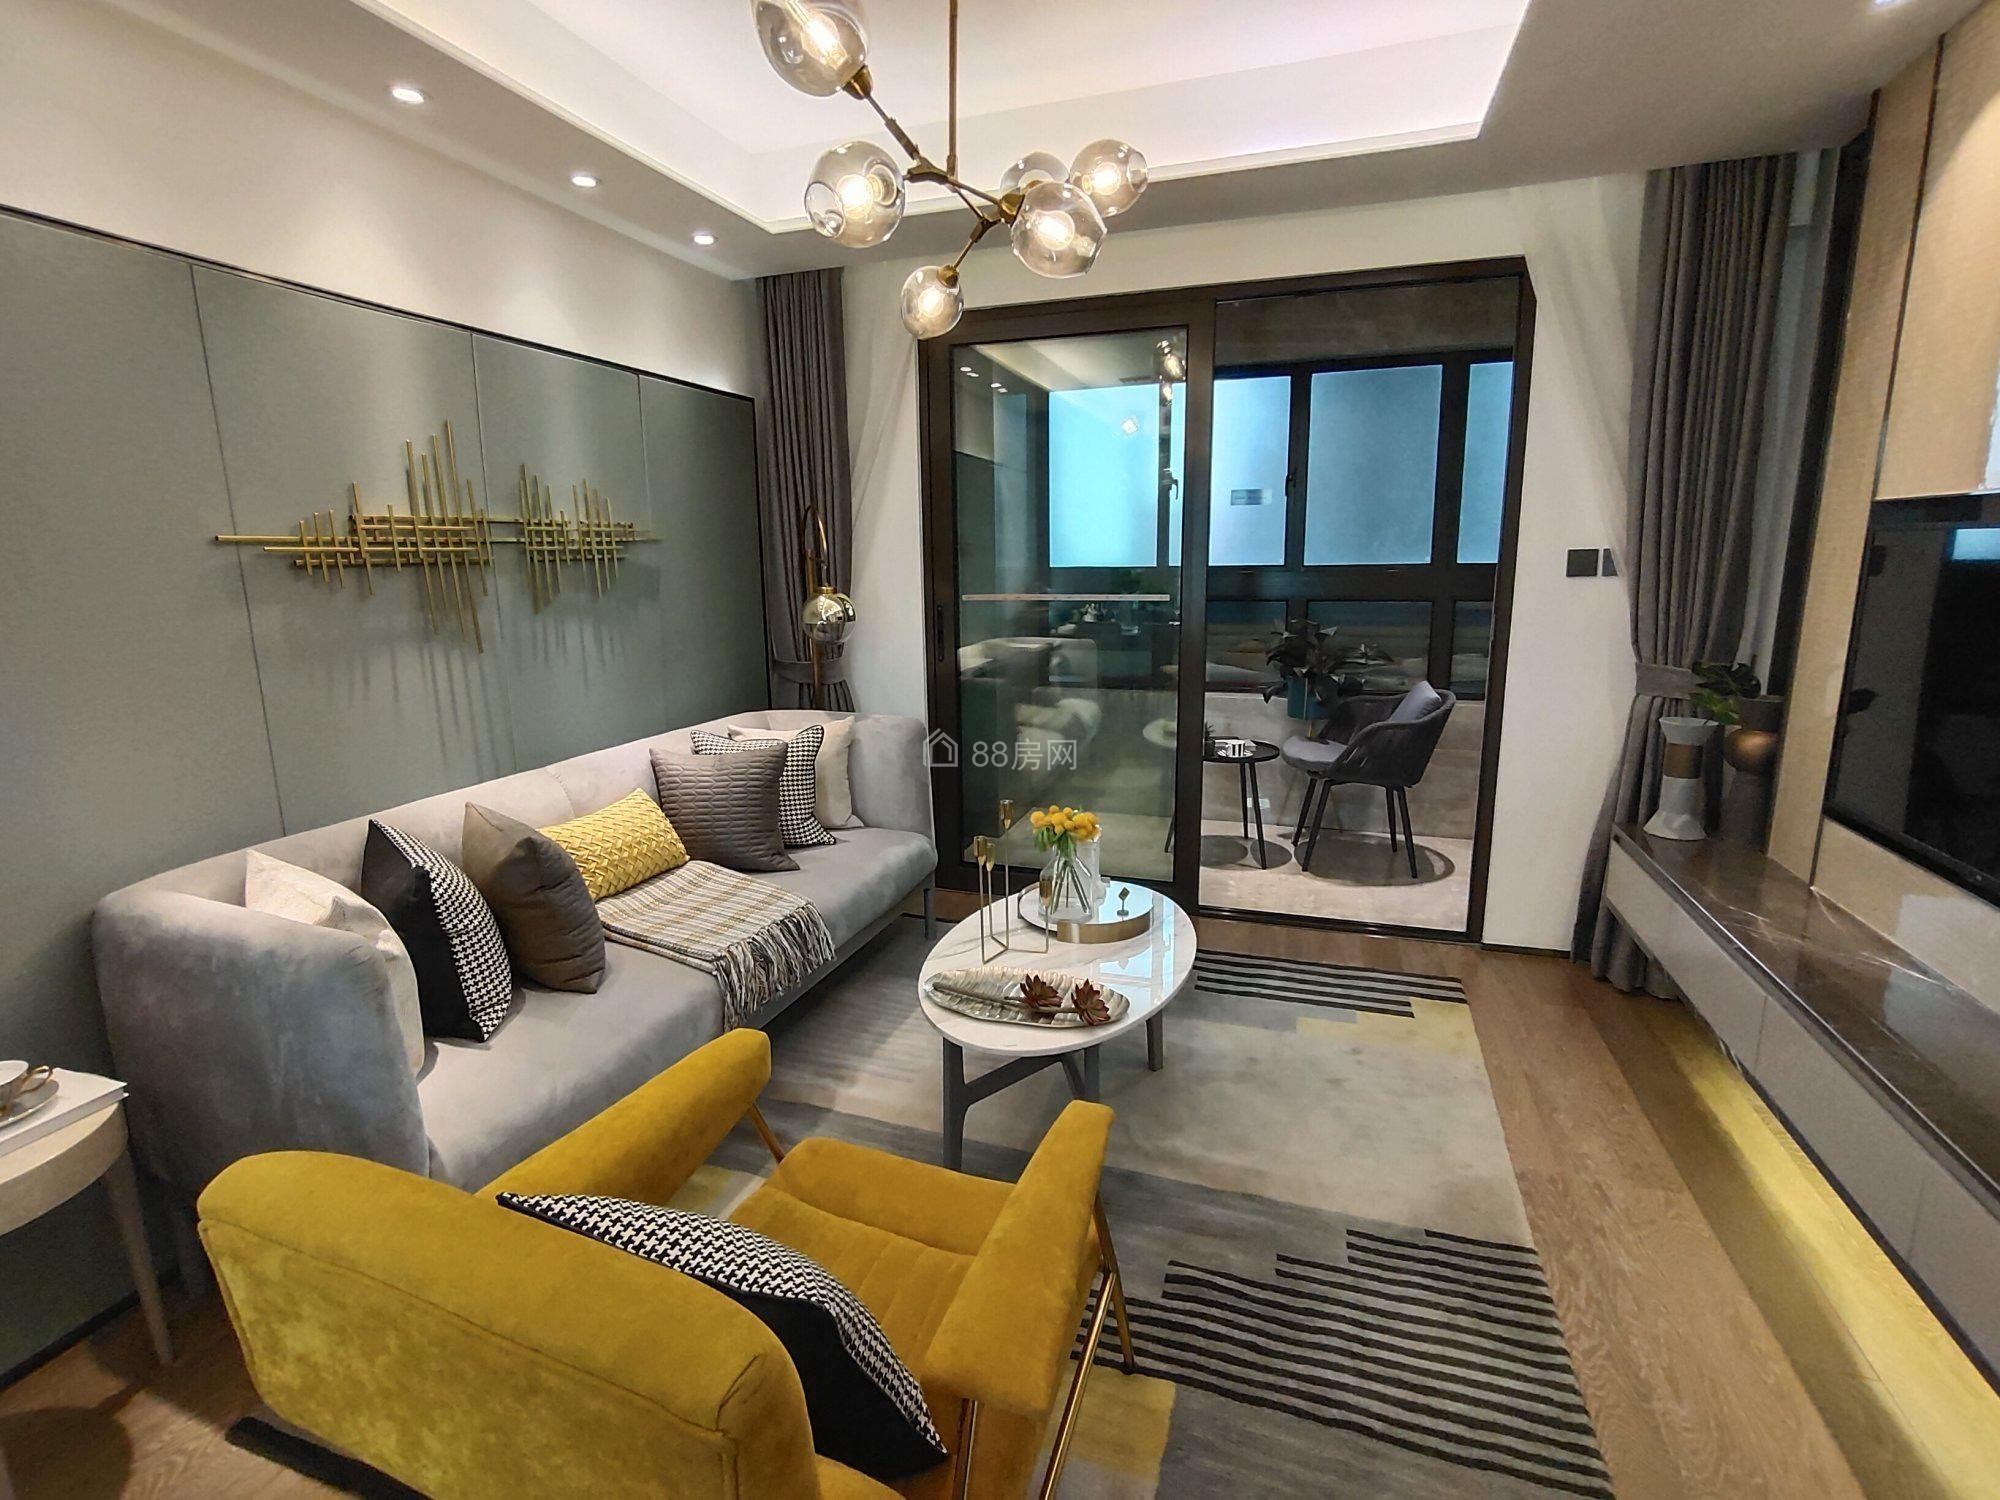 湖州万达旁,海伦堡星悦舒适住宅,配套设施齐全,特价出售